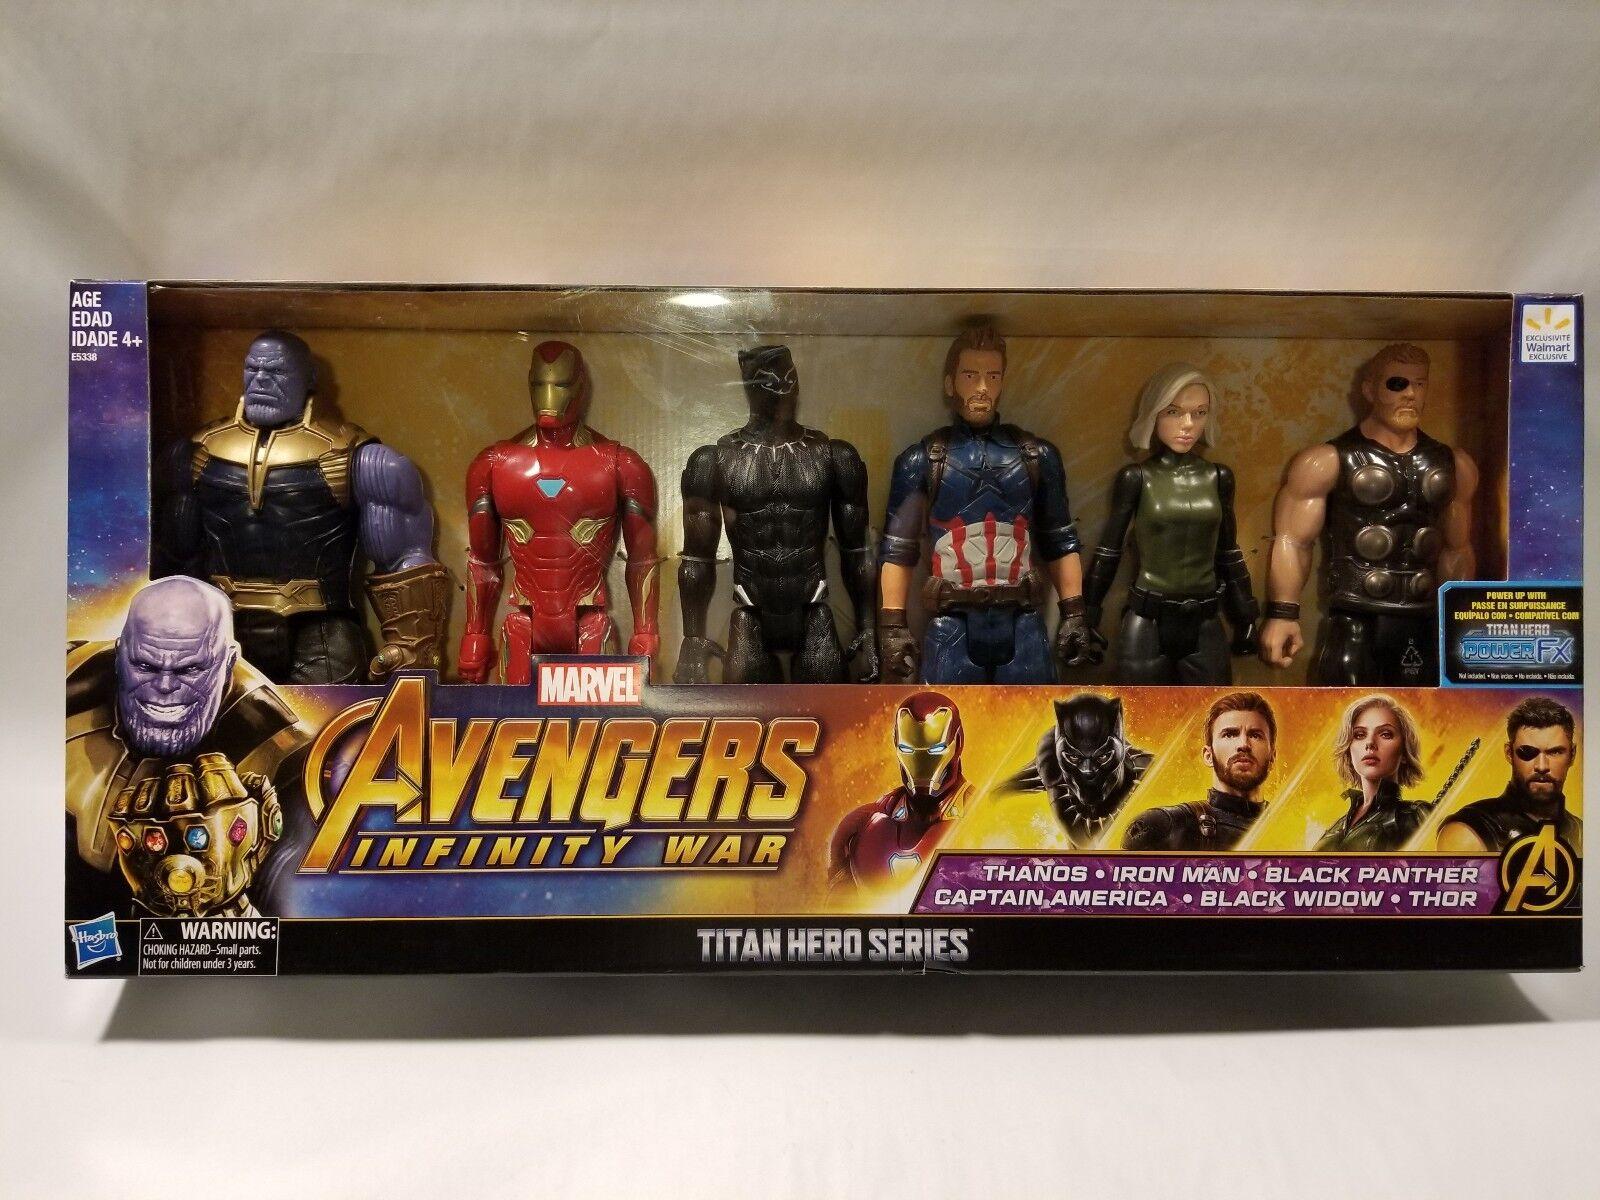 Marvel Avengers Infinity War War War Titan Hero Series 6pk Figures Collection 3c7ea2